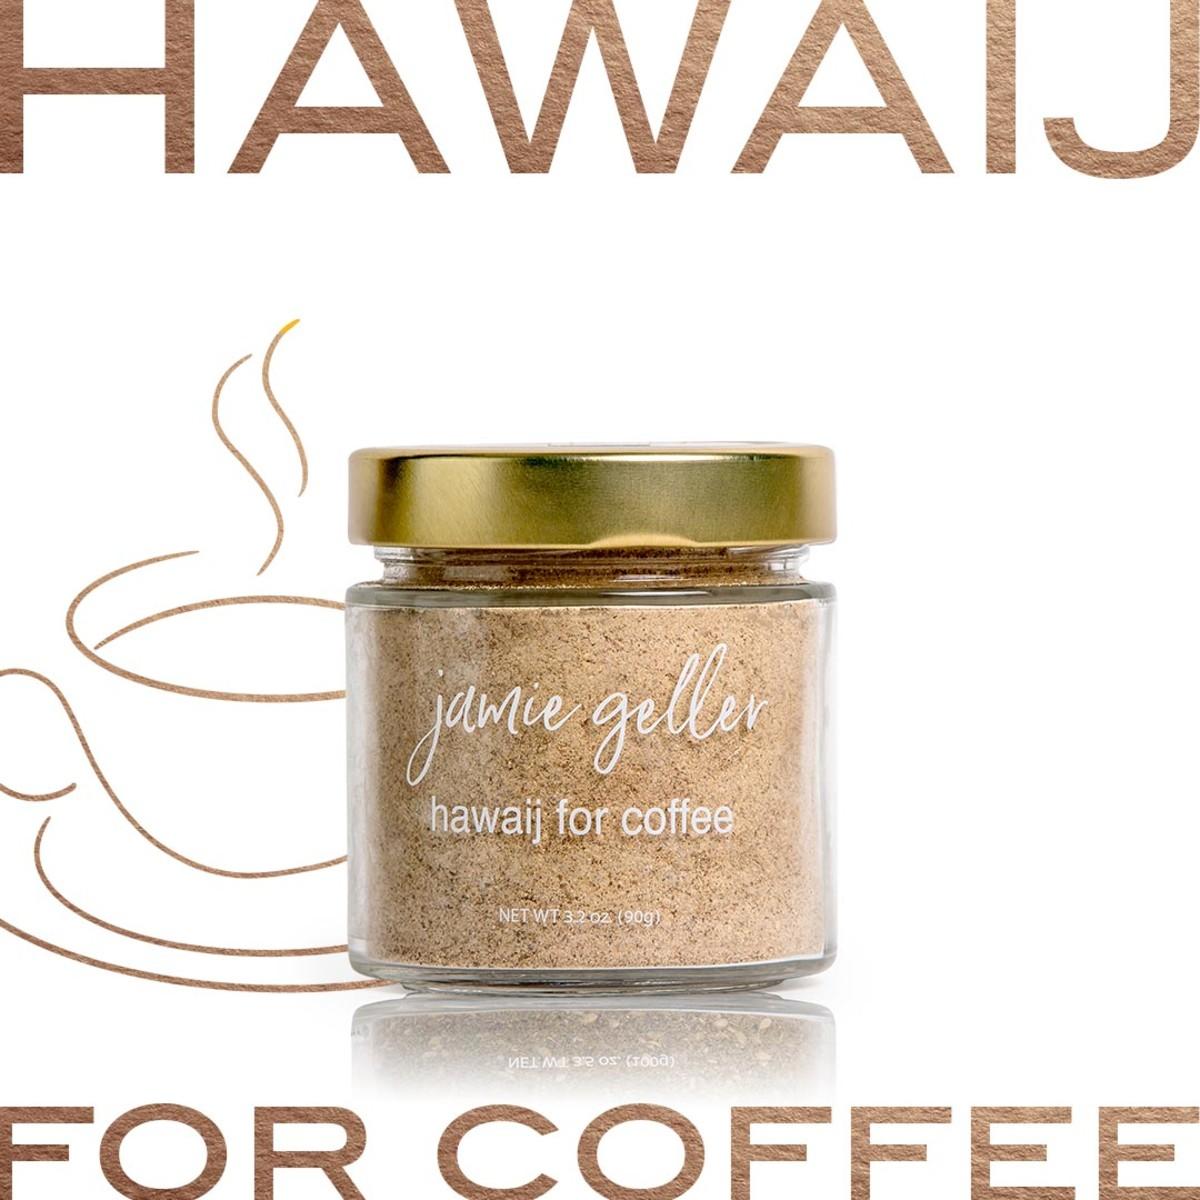 Hawaij for Coffee